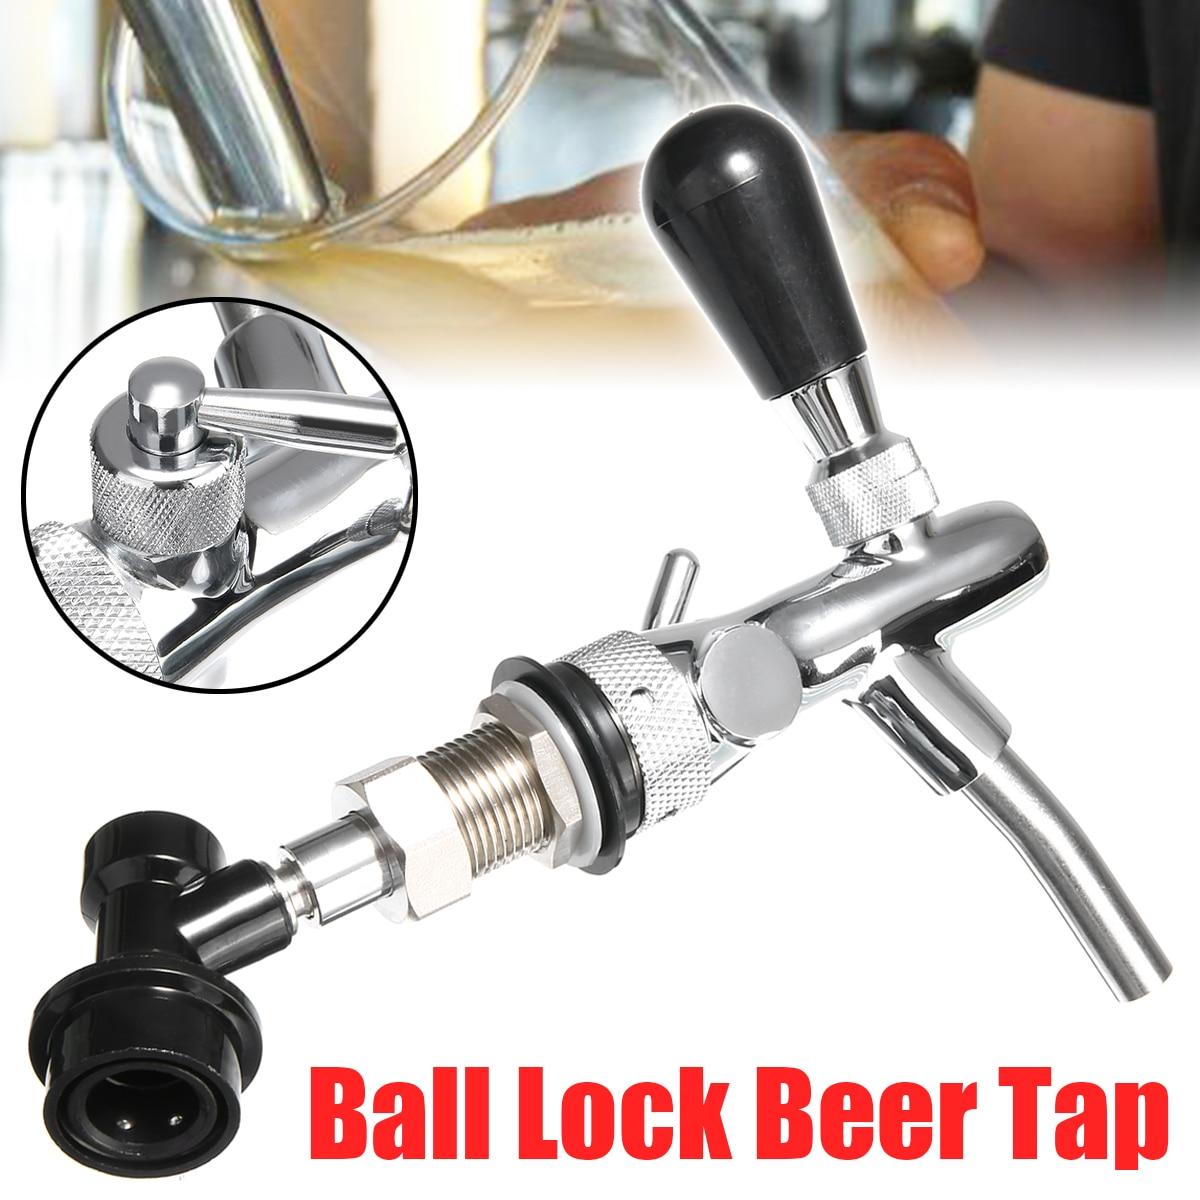 Grifo de acero inoxidable ajustable para grifo de cerveza con herramienta de barra de tubo de bloqueo de bola